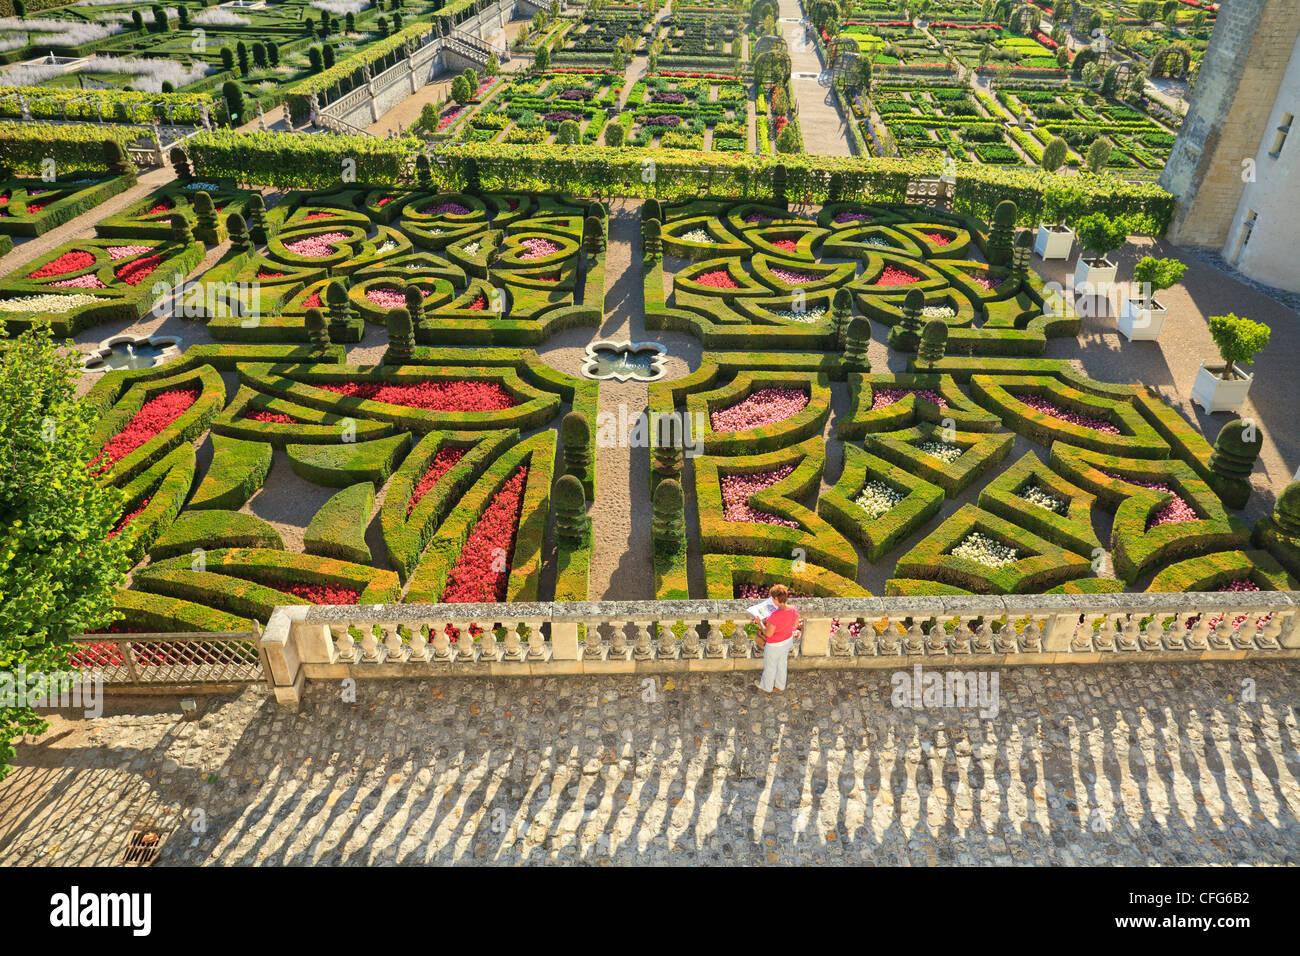 La France Les Jardins De Villandry Chateau Dans L Avant Plan Le